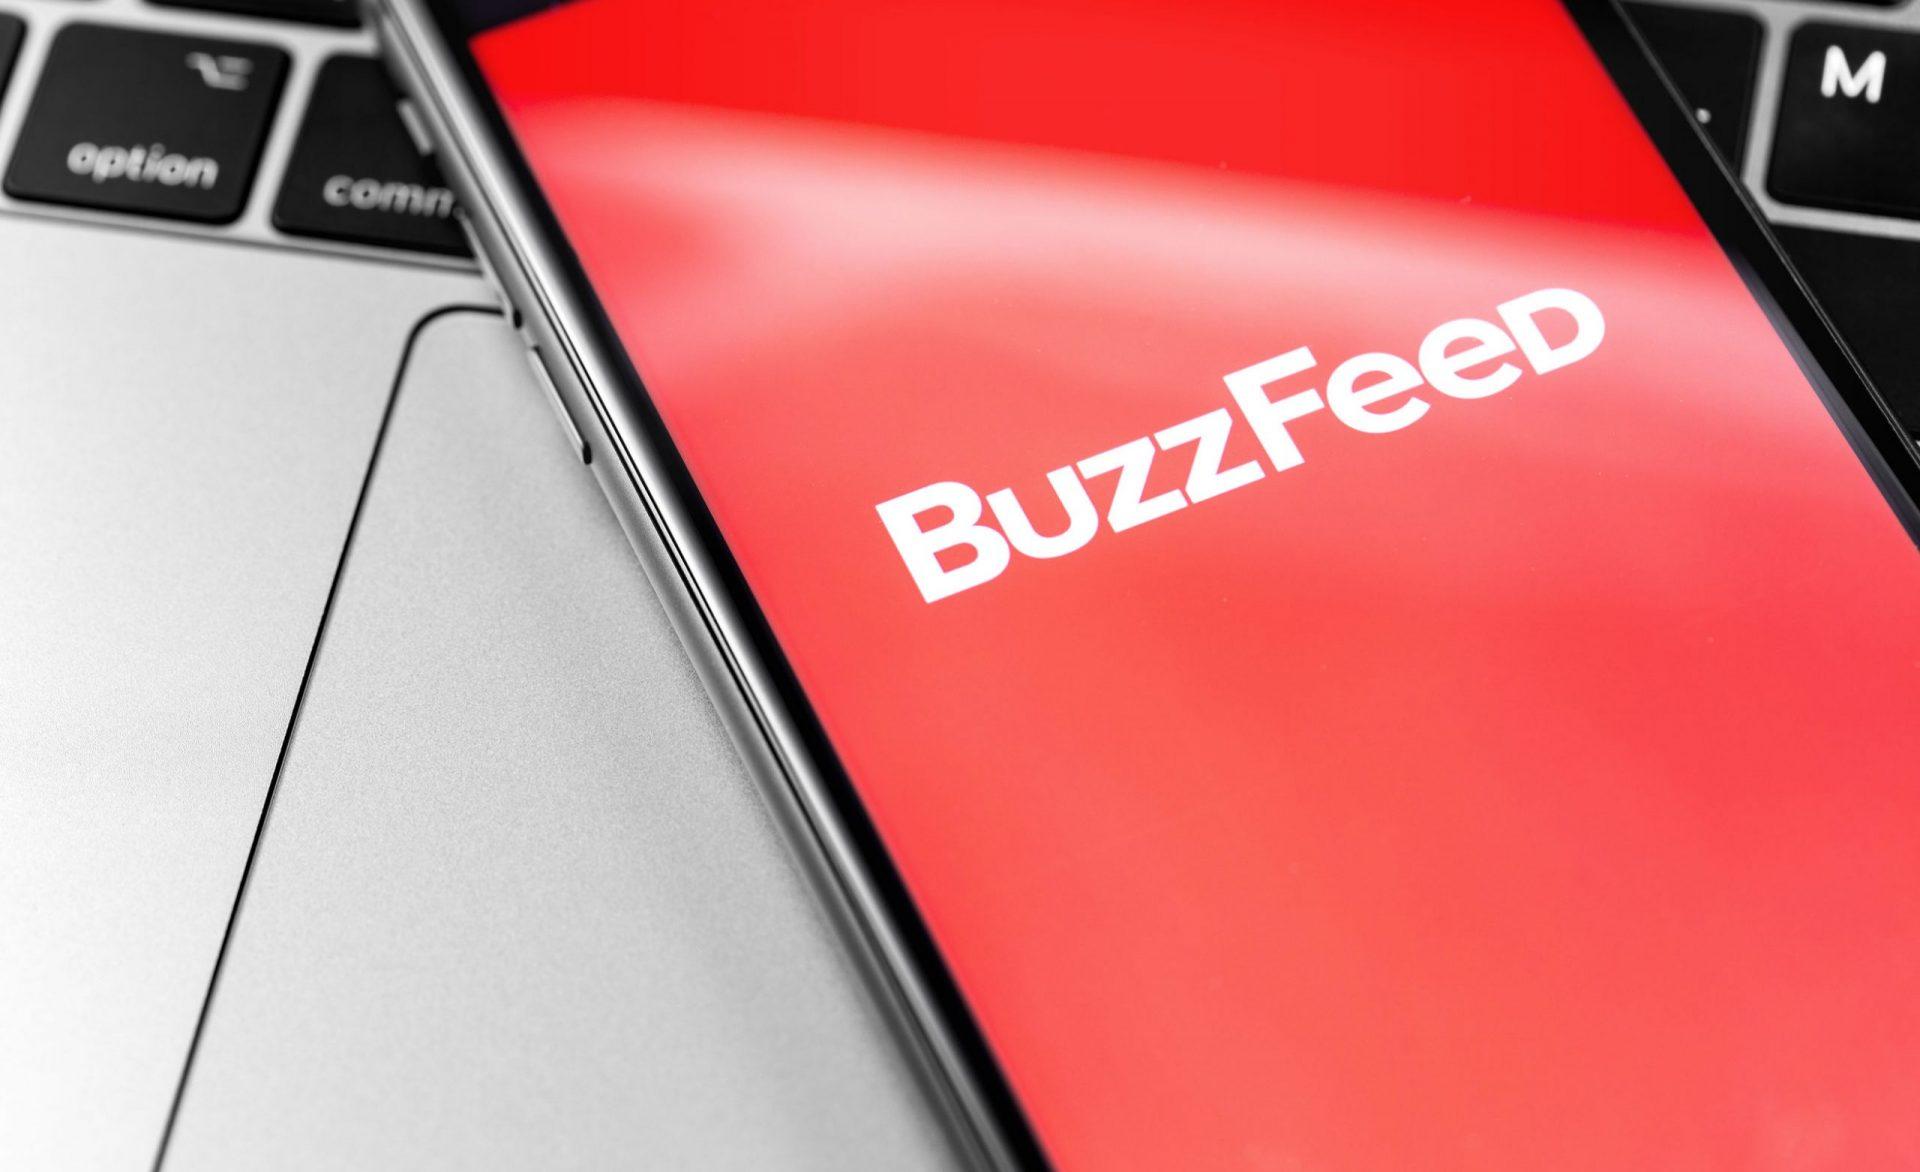 Cum încearcă presa online să se salveze: HuffPost, cumpărat de BuzzFeed pentru a atrage publicitate